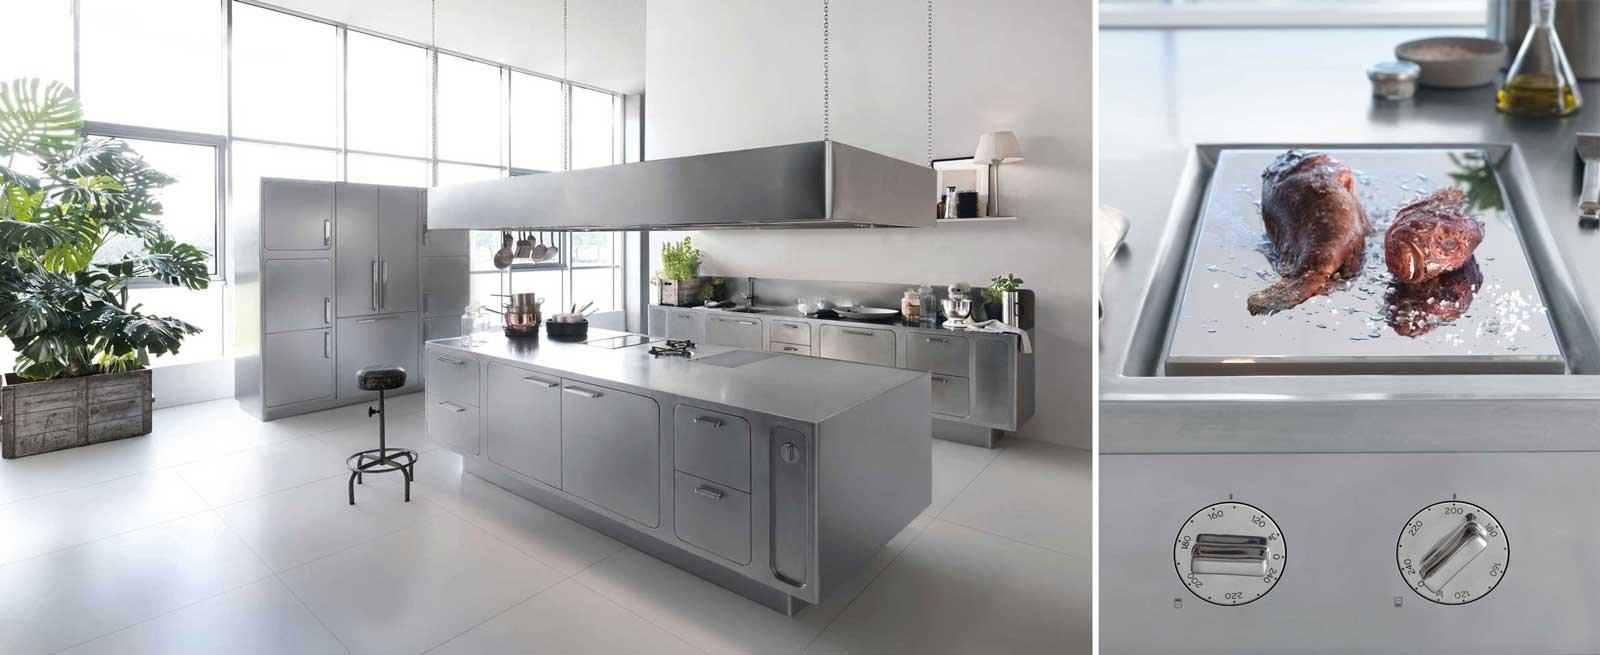 Progettare bene la cucina per aspiranti chef cose di casa - Prezzi cucine professionali ...